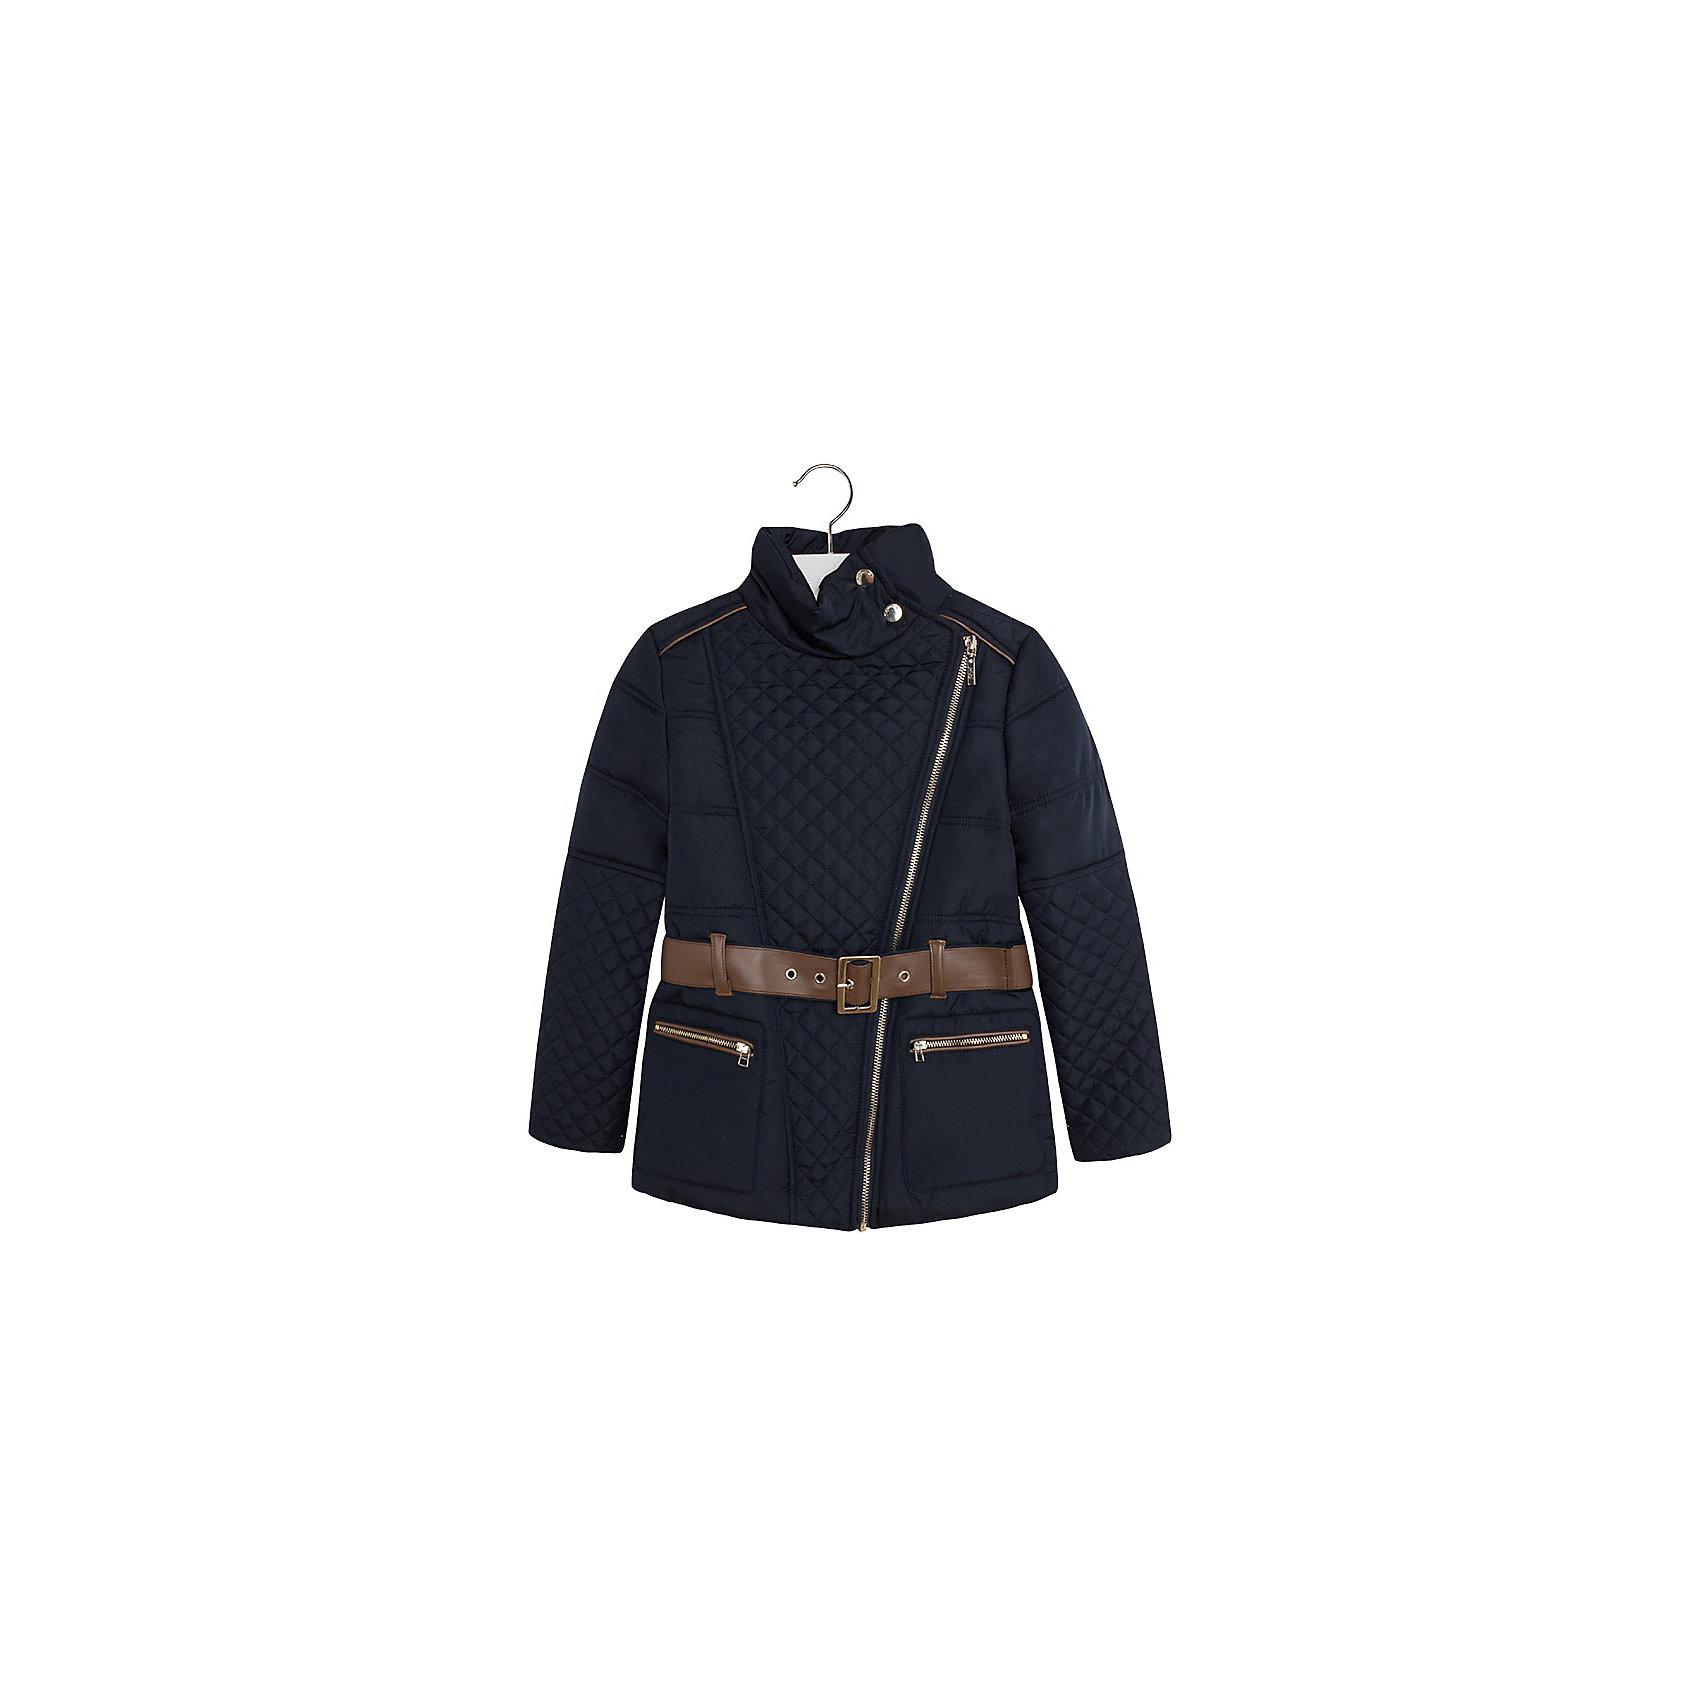 Куртка для девочки MayoralСтеганая куртка  для девочки от известной испанской марки Mayoral прекрасный вариант для прохладной погоды. Куртка застегивается на ассиметричную молнию и две кнопки на воротнике. Воротник-стойка надежно защищает шею ребенка от ветра. Модель дополнена поясом из текстиля и искусственной кожи и двумя боковыми карманами на молнии. Стильный и практичный вариант для вашего ребенка. <br><br>Дополнительная информация:<br><br>- Температурный режим: от +5? до - 5?<br>- Сезон: осень/весна.<br>- Воротник-стойка.<br>- Тип застежки: молния, кнопки.<br>- Тип рукава: втачной.<br>- Покрой: прямой.<br>- Количество карманов: 2<br>- Тип карманов: прорезные.<br>- Пояс в комплекте. <br>Параметры для размера 128.<br>- Длина рукава: 47 см.<br>- Ширина рукава: 19 см.<br><br>Состав:<br>100% Полиэстер<br><br>Куртку для девочки  Mayoral (Майорал) можно купить в нашем магазине.<br><br>Ширина мм: 356<br>Глубина мм: 10<br>Высота мм: 245<br>Вес г: 519<br>Цвет: синий<br>Возраст от месяцев: 84<br>Возраст до месяцев: 96<br>Пол: Женский<br>Возраст: Детский<br>Размер: 128,140,164,158,152<br>SKU: 4190310